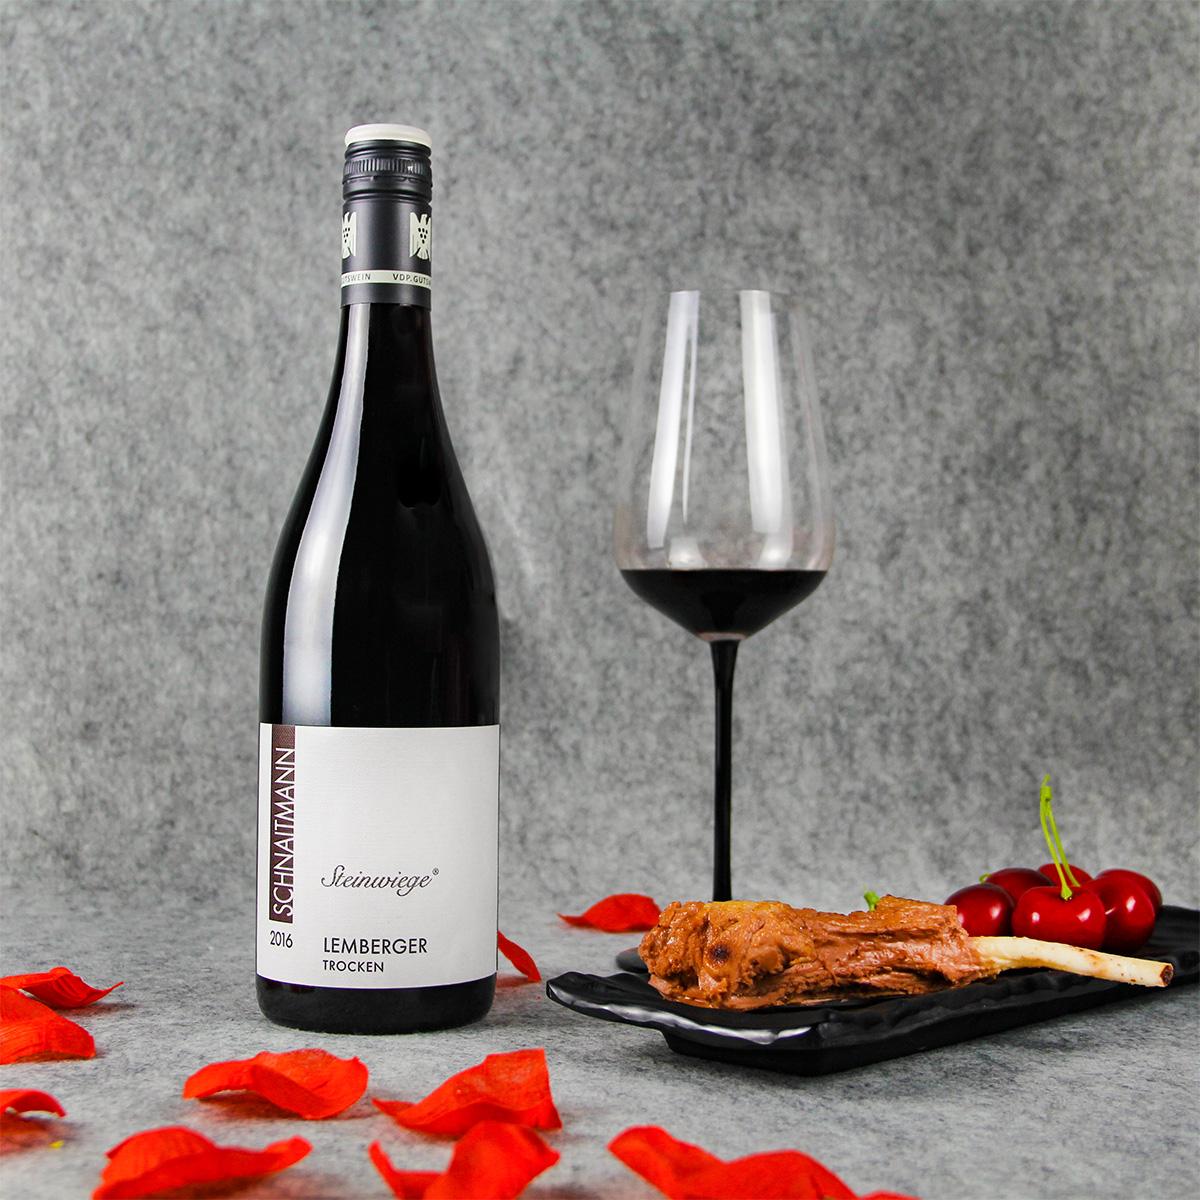 德国符腾堡莱纳施纳特门酒庄莱姆贝格施泰格园VDP大区级干红葡萄酒